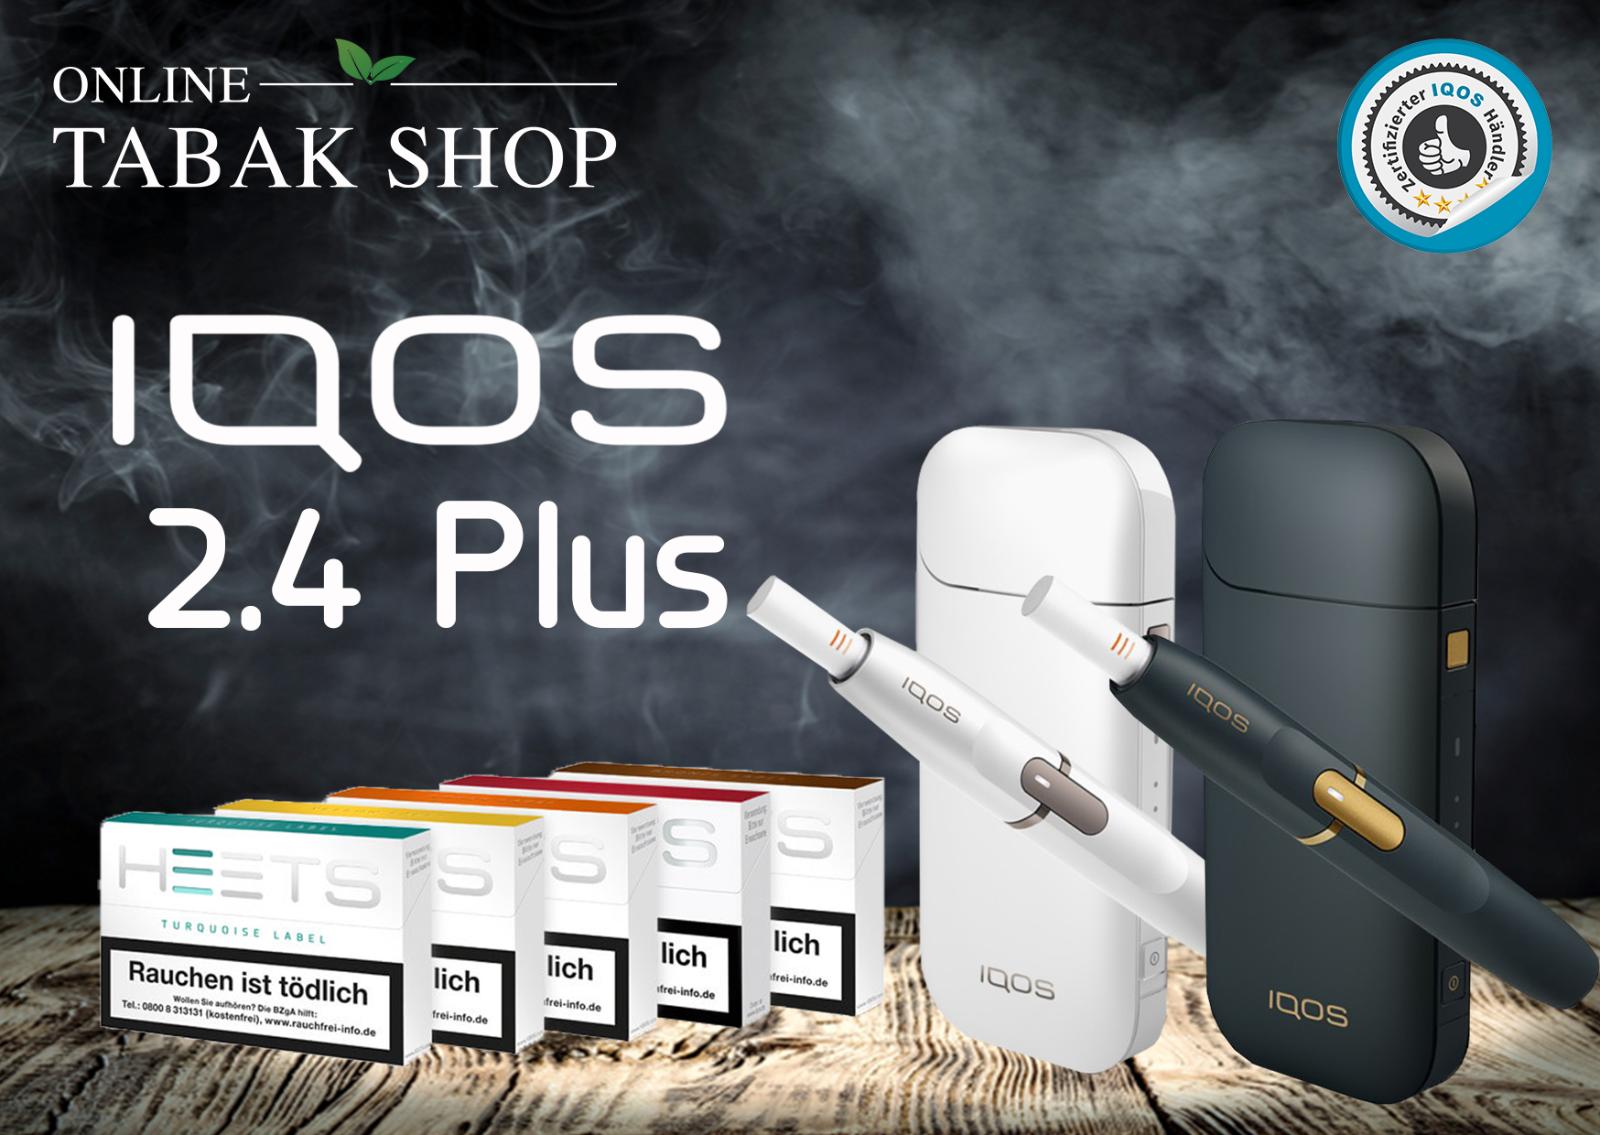 IQOS 2.4 Plus Starter Kit + 100 Heets NUR nach erfolgreicher Registrierung